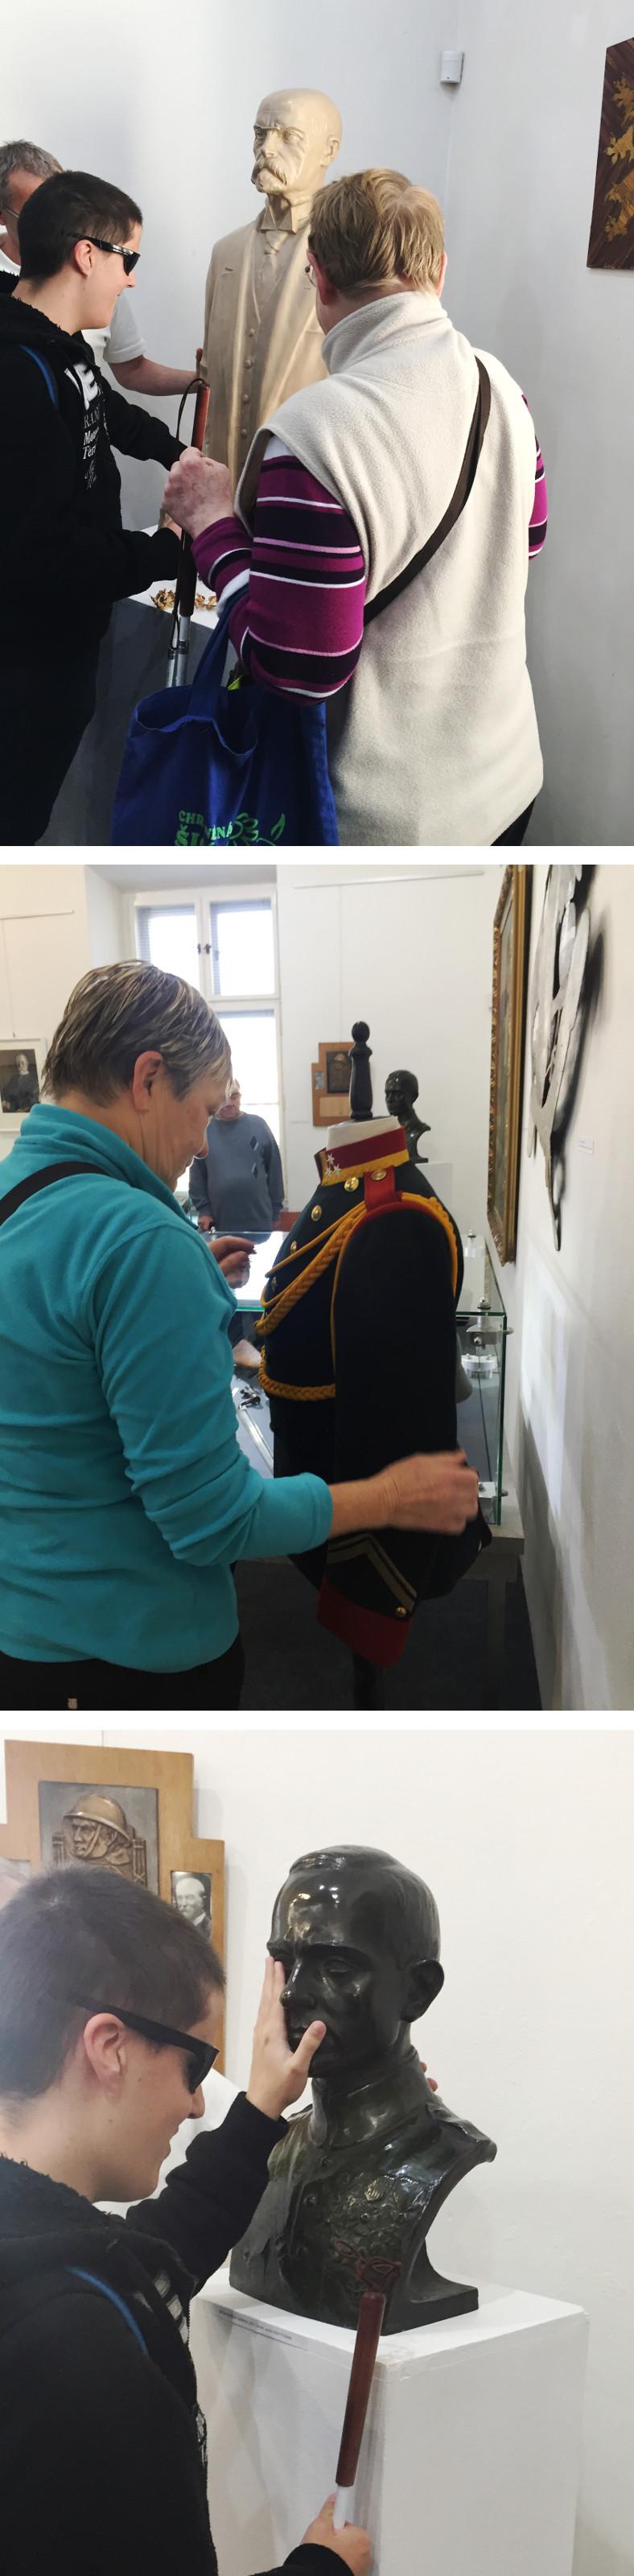 Fotografie z prohlídky výstavy TGM a Frenštátsko.